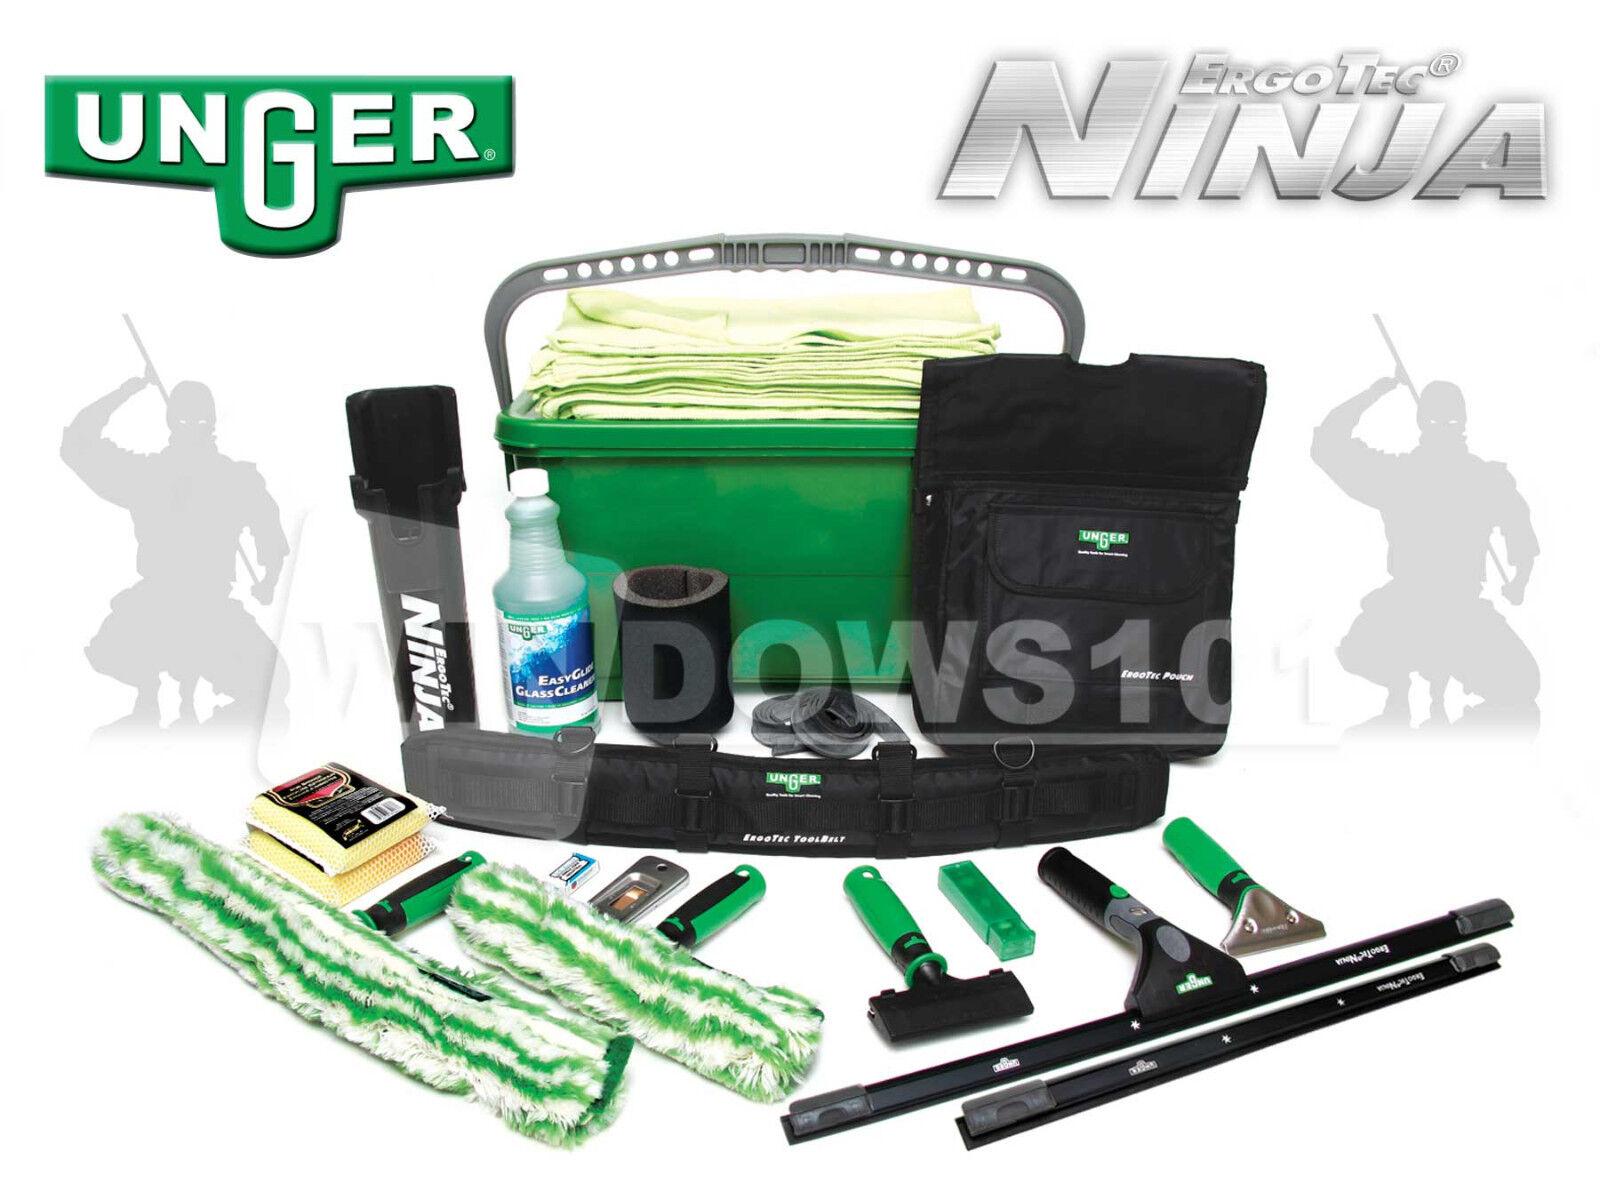 Unger Ninja Super Starter Window Cleaning Amp Washing Kit